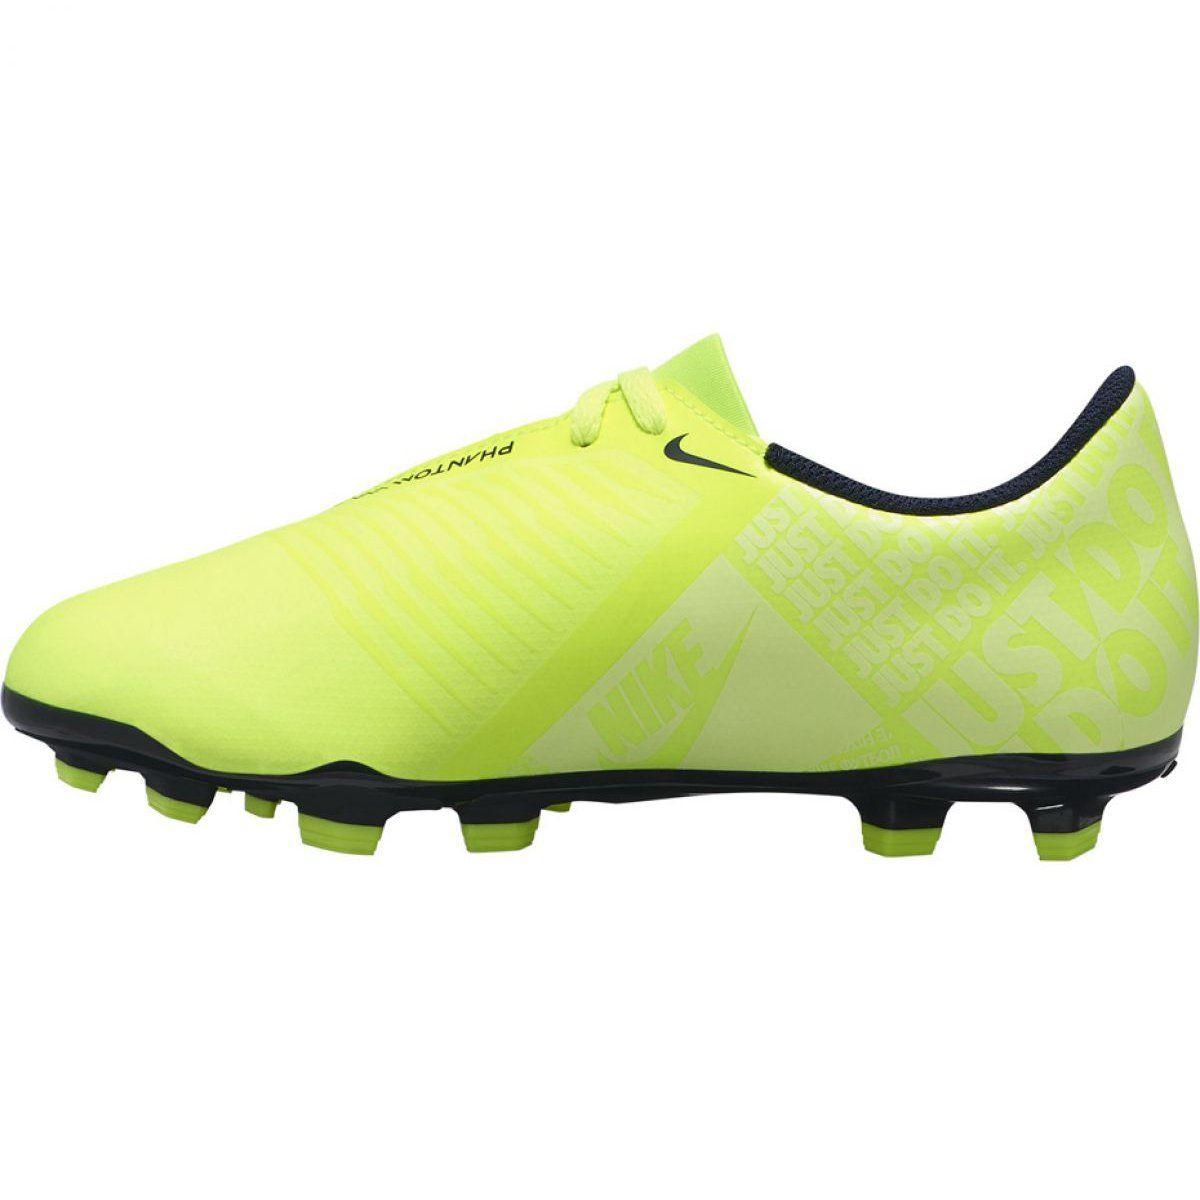 Buty Pilkarskie Nike Phantom Venom Club Fg Jr Ao0396 717 Zolte Zolte Futebol